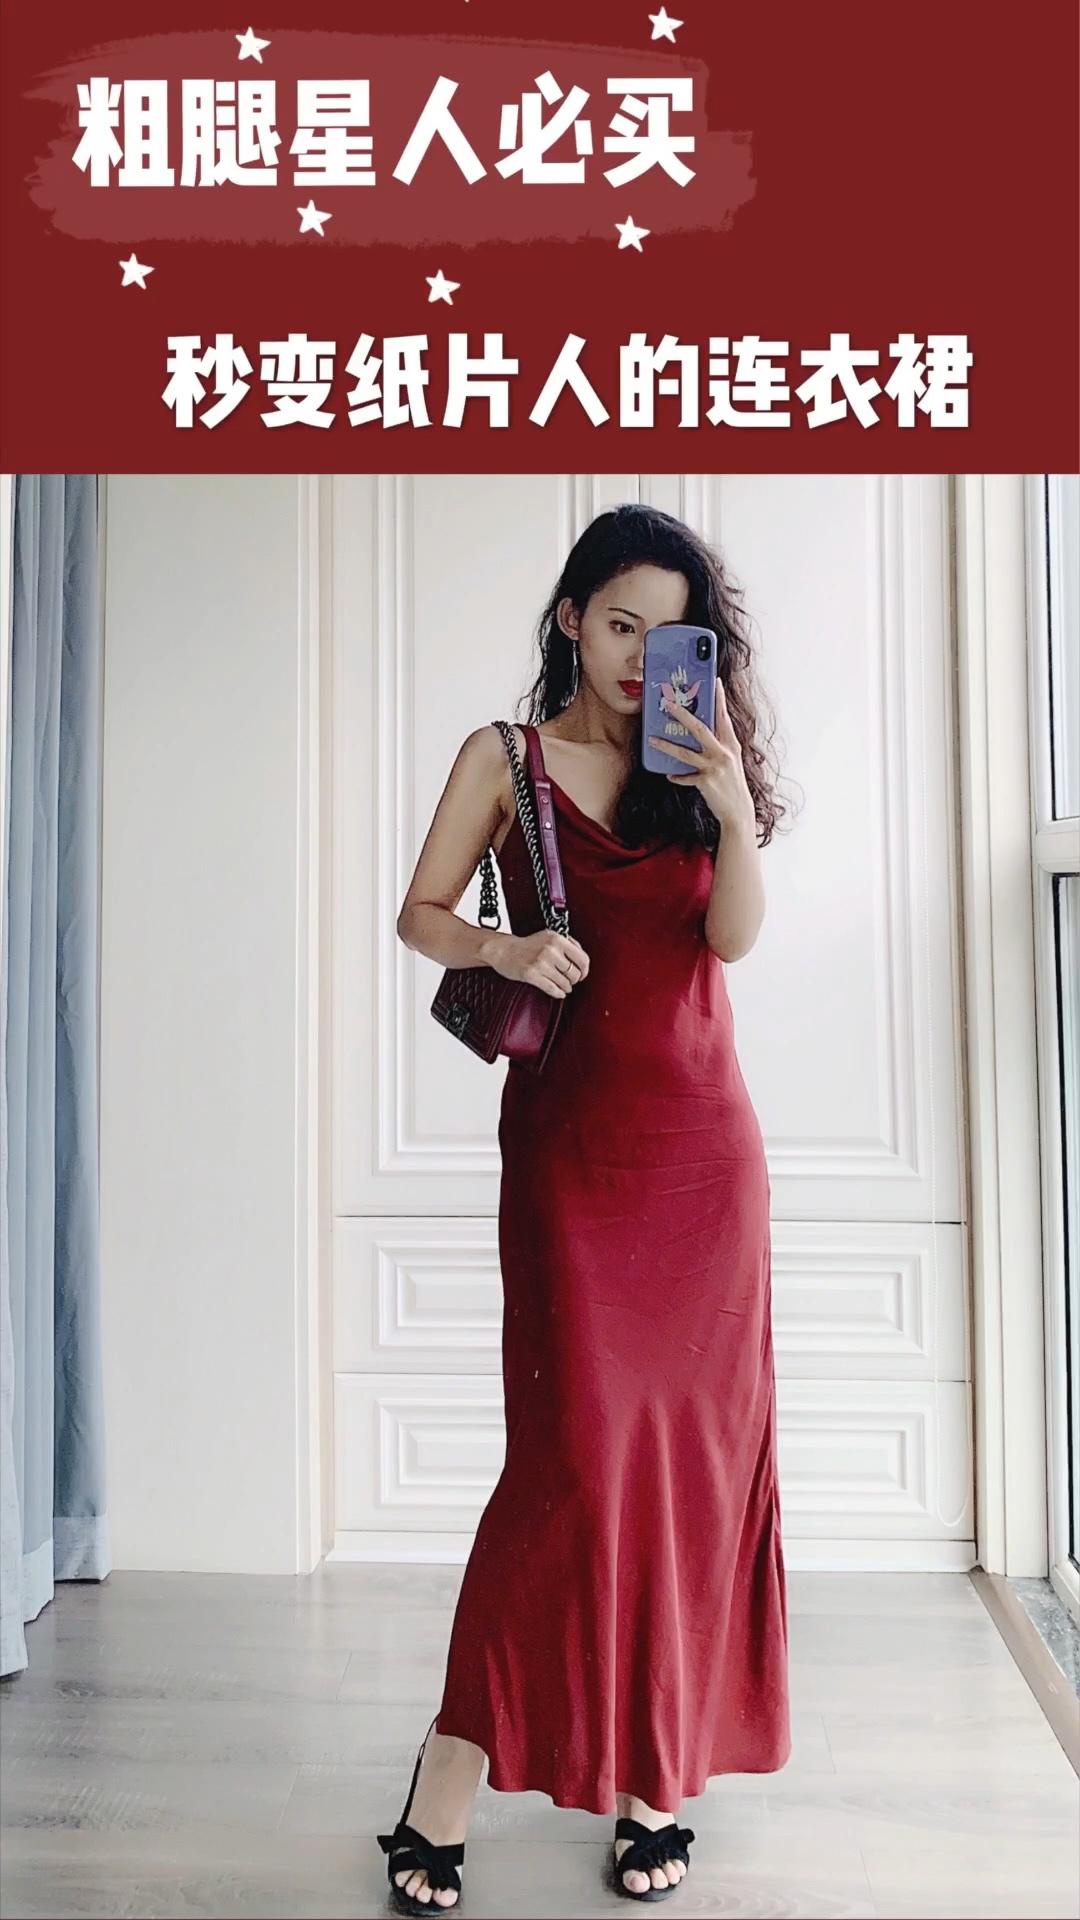 腿短腿粗腿型不好看的你,一定一定要入这件连衣裙❗️❗️❗️ 鱼尾裙型,粗腿隐形不见😱 最怕鱼尾的设计会拉低身高,但是这条裙子不会呀,高腰的剪裁可以很好的拉长比例👑 是一条穿上可以可以秒变纸片人超模的连衣裙👗 #150+女孩,夏日裙子酱紫穿!#